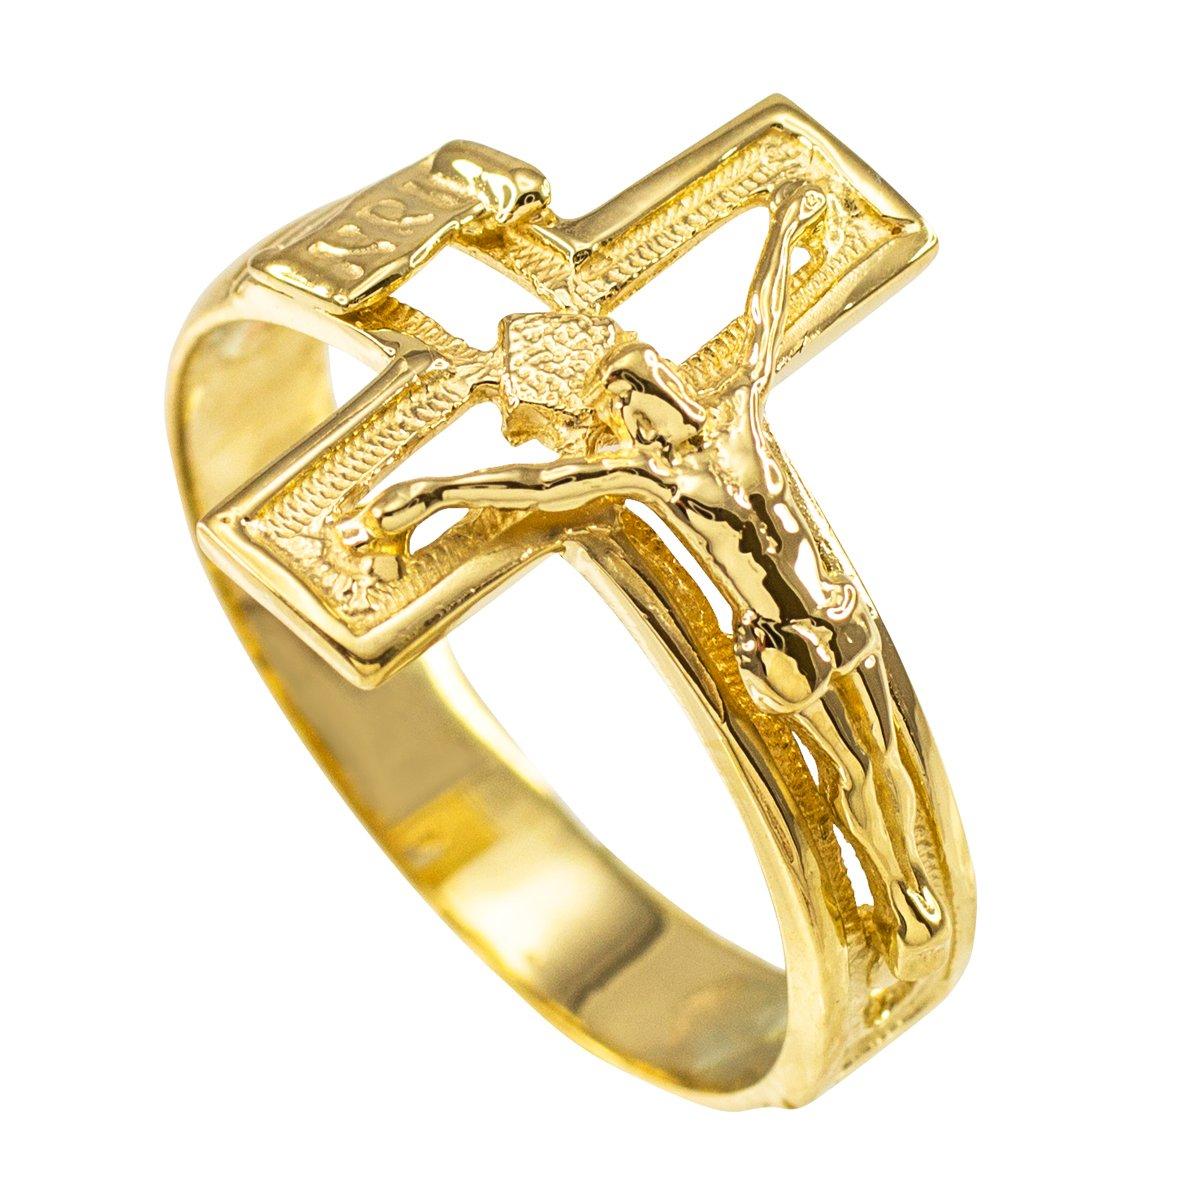 ソリッド10 Kイエローゴールドオープンデザインクロスバンド十字架リング B010GPTKUO 10